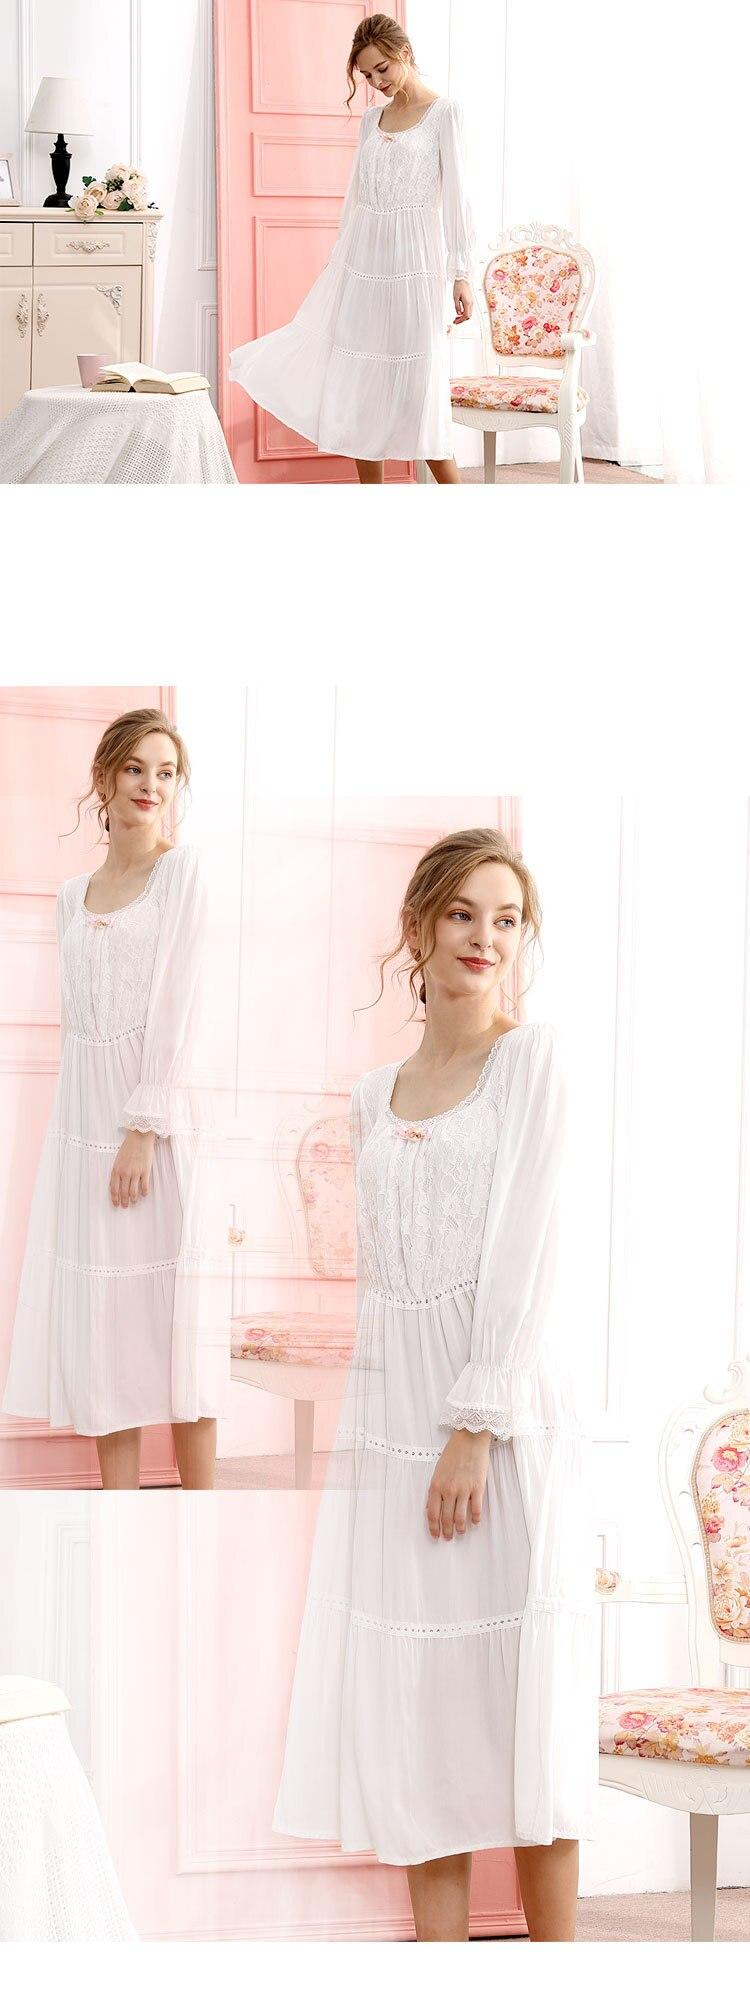 קיץ כותנה ארמון סגנון ארוך שרוולים כותונת נשים תחרה מתוקה נסיכת Loose עוגת שמלת קטן כיכר צווארון רופף פנאי